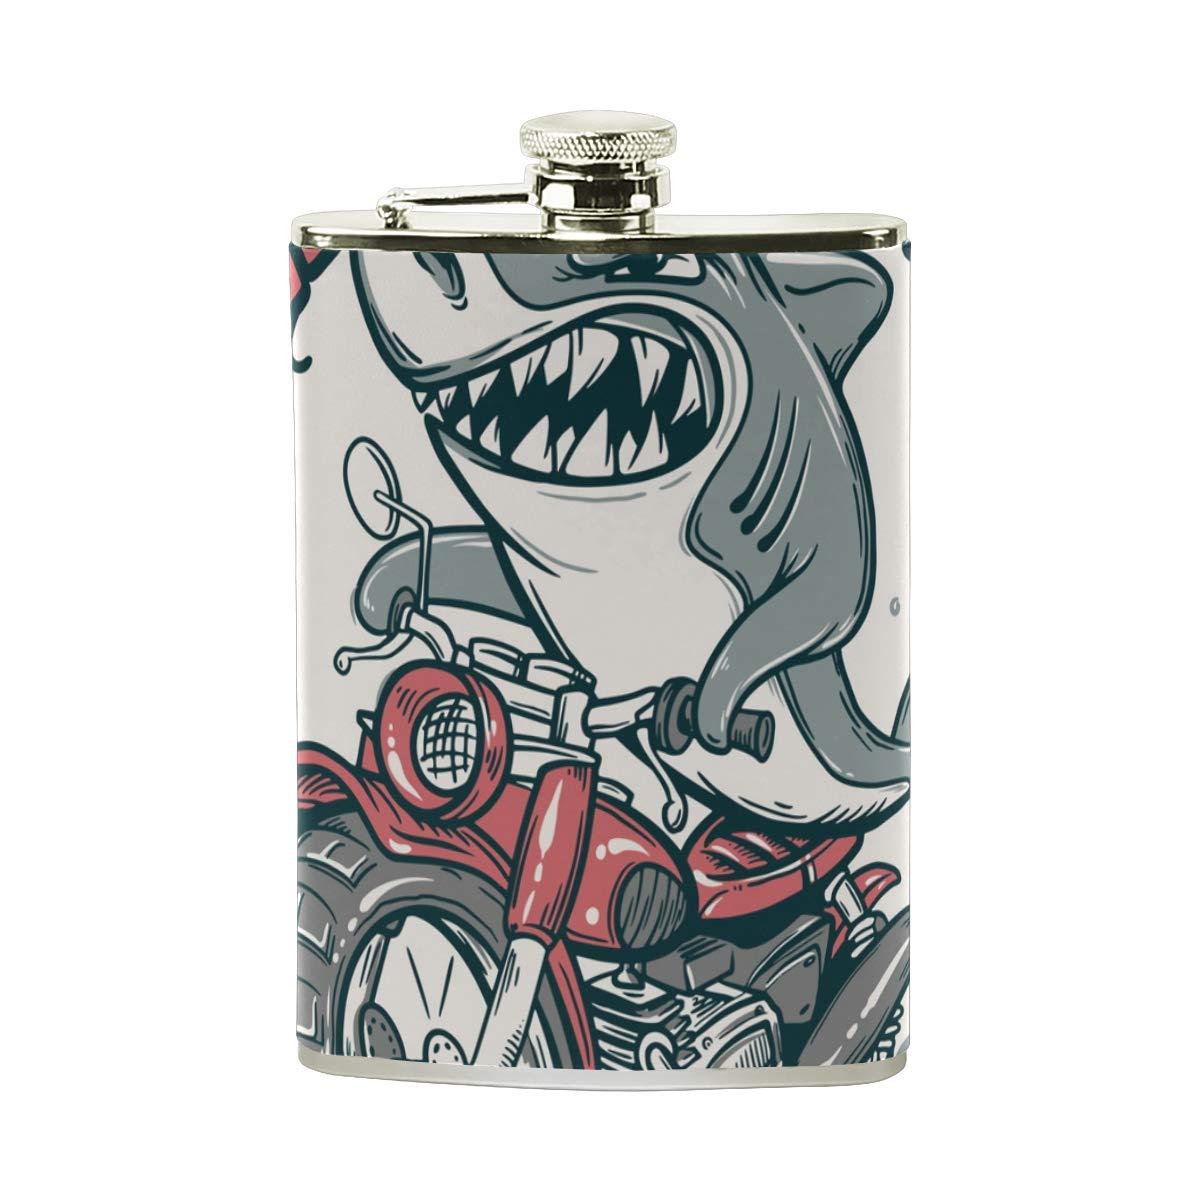 BALII Flasque humoristique en acier inoxydable Motif requin sur la hanche 227 ml